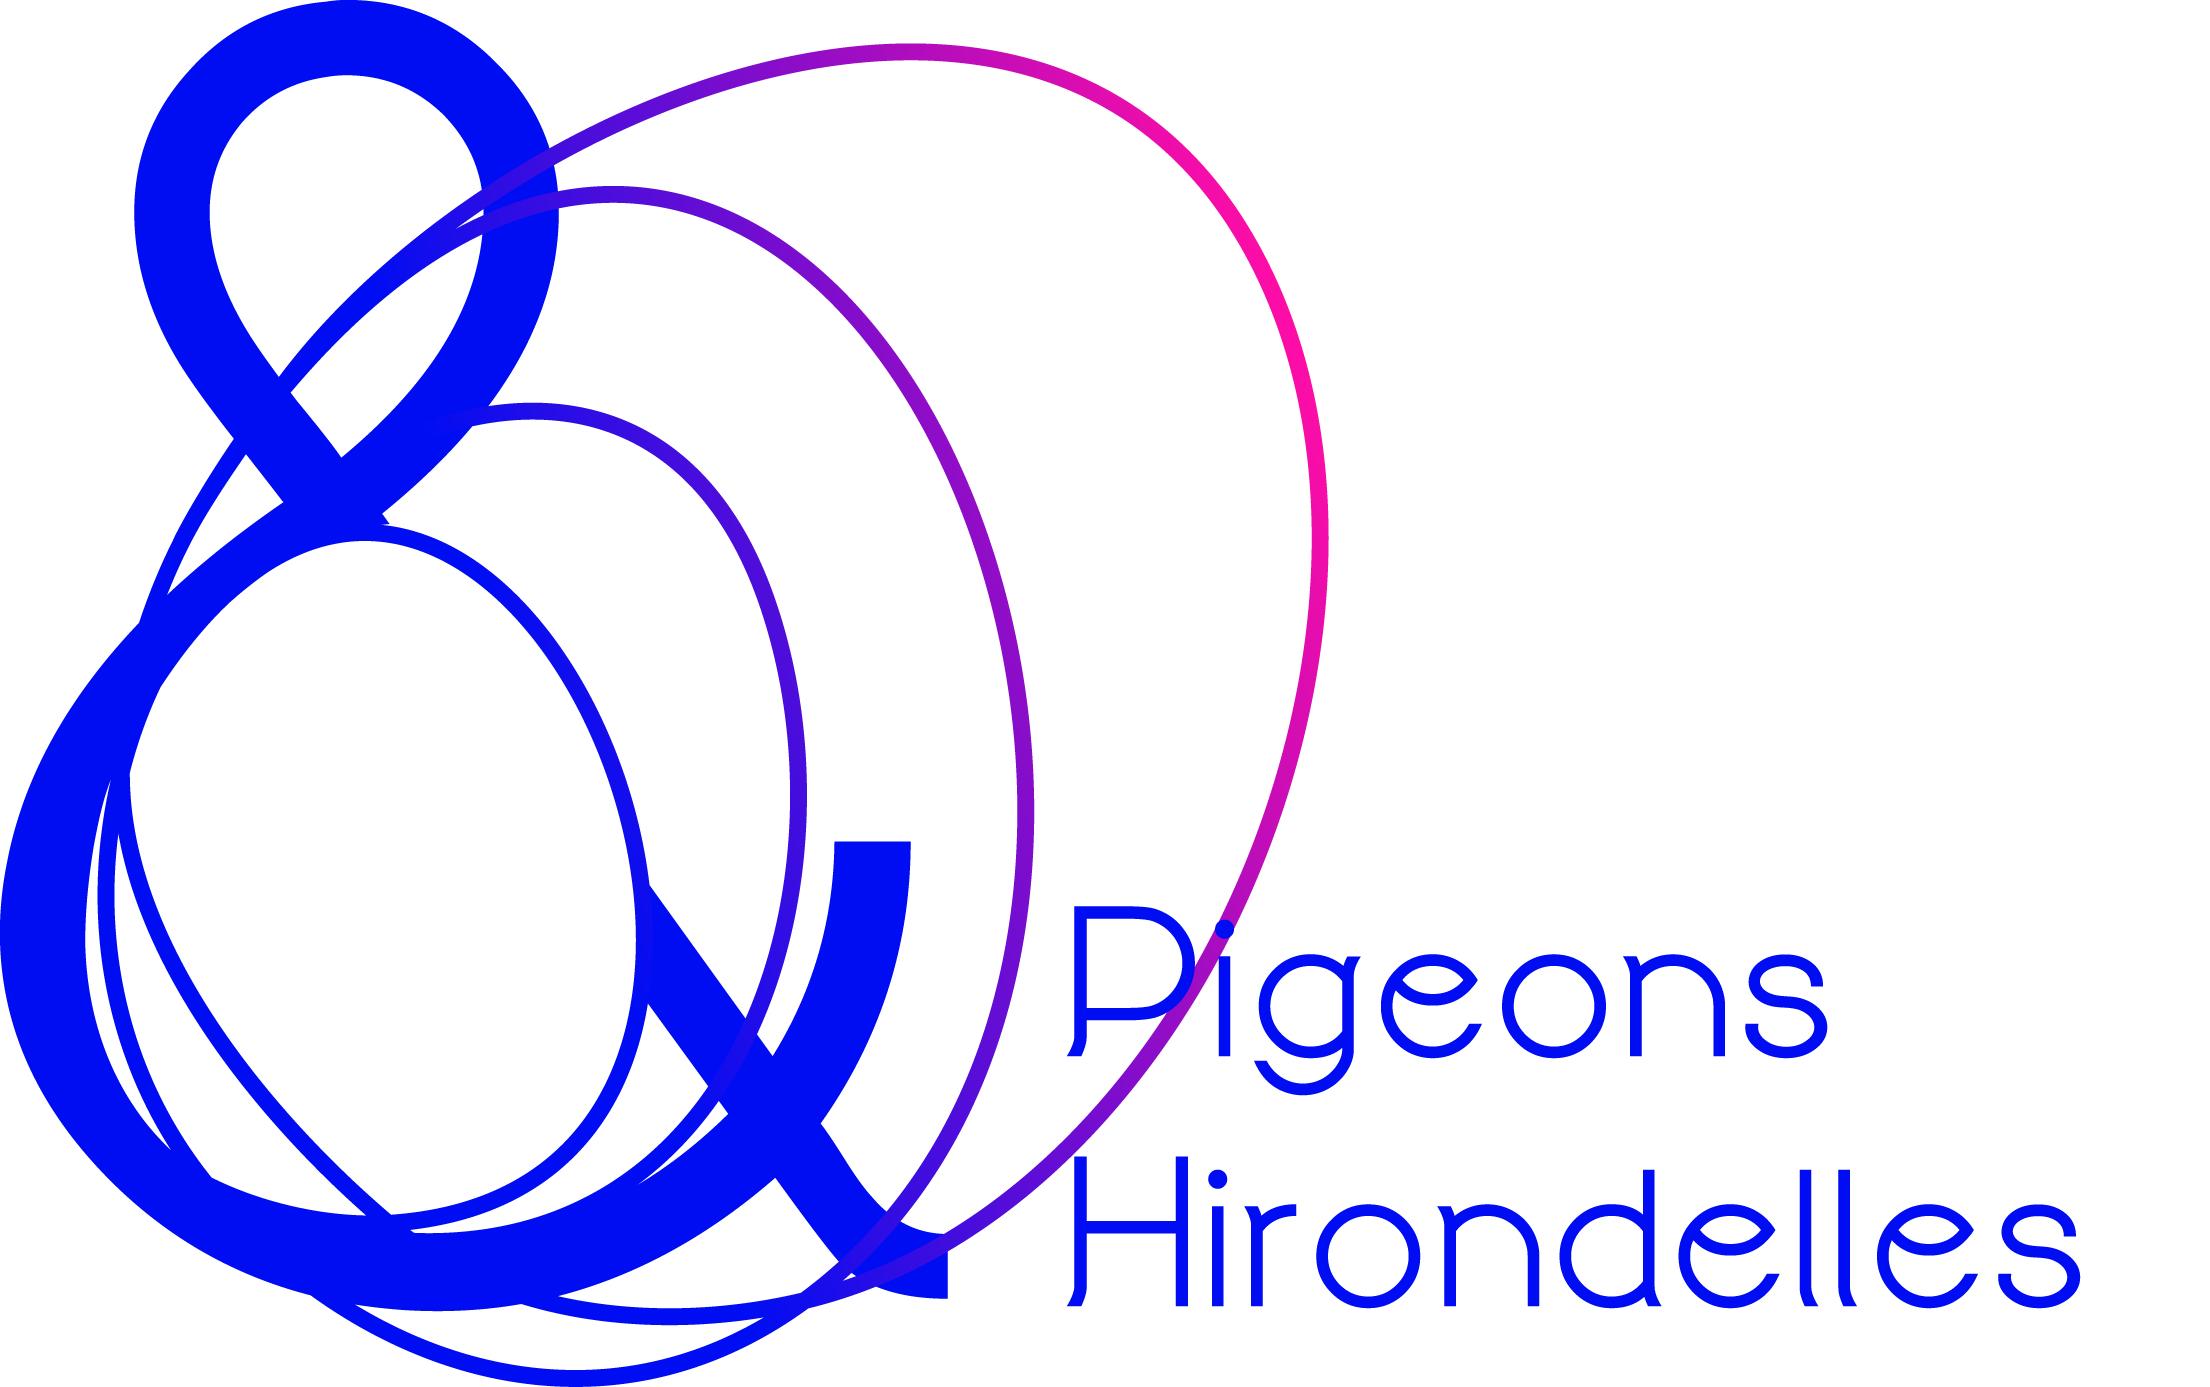 Pigeons & hirondelles